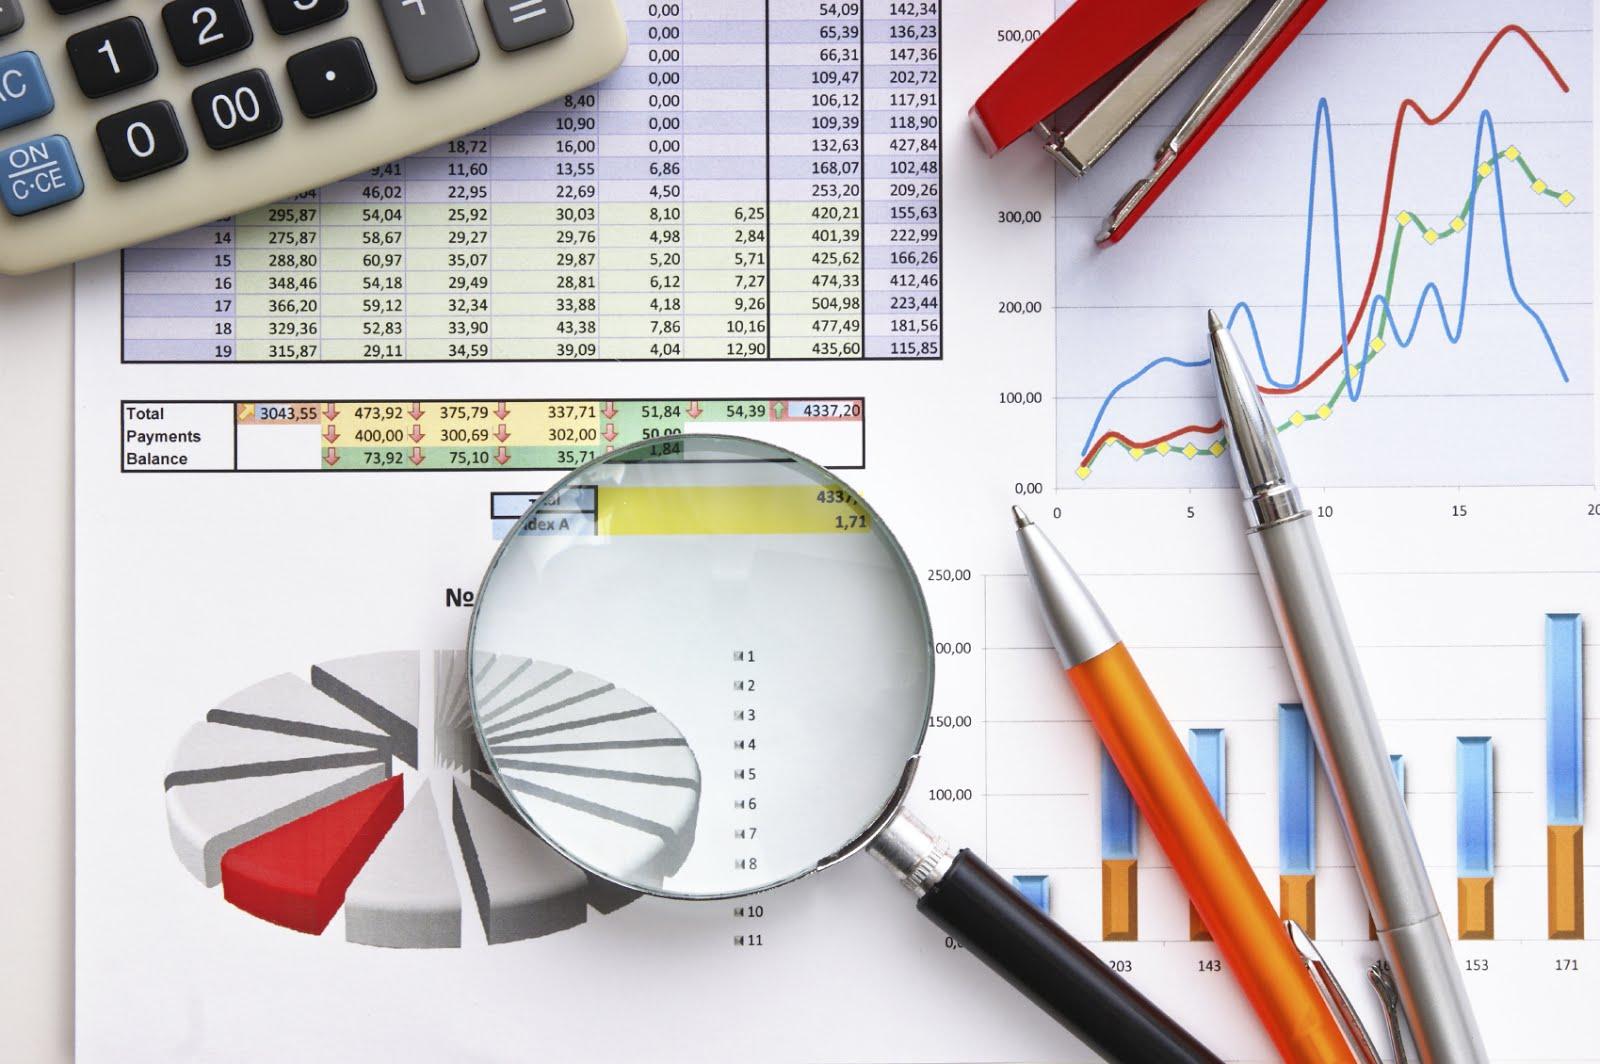 El análisis: la clave del ahorro en los gastos de representación